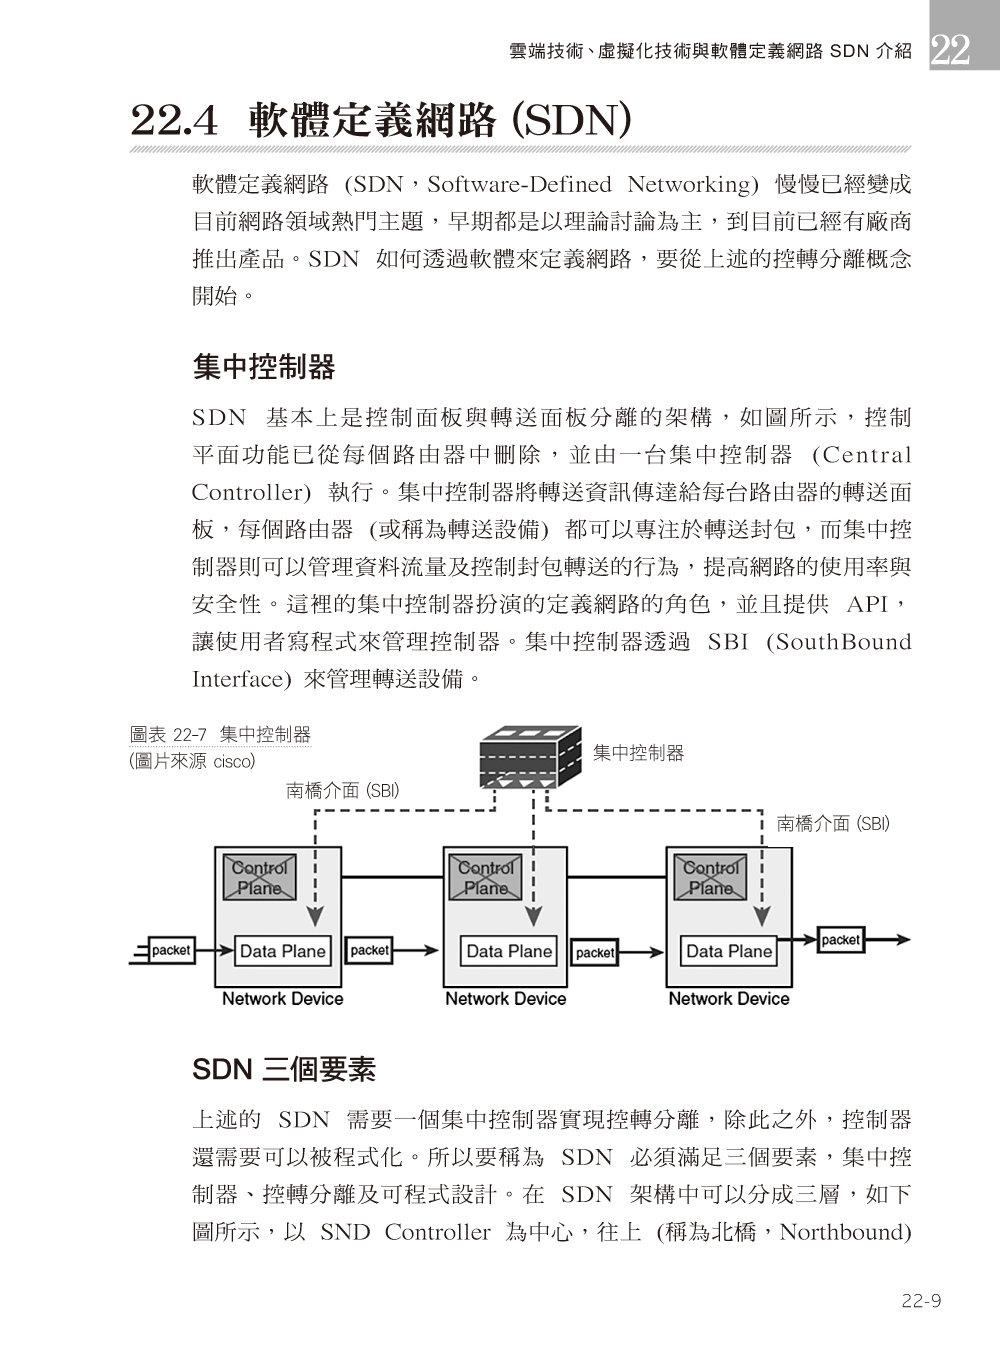 網路規劃與管理實務 - 協助考取國際網管證照, 3e-preview-3